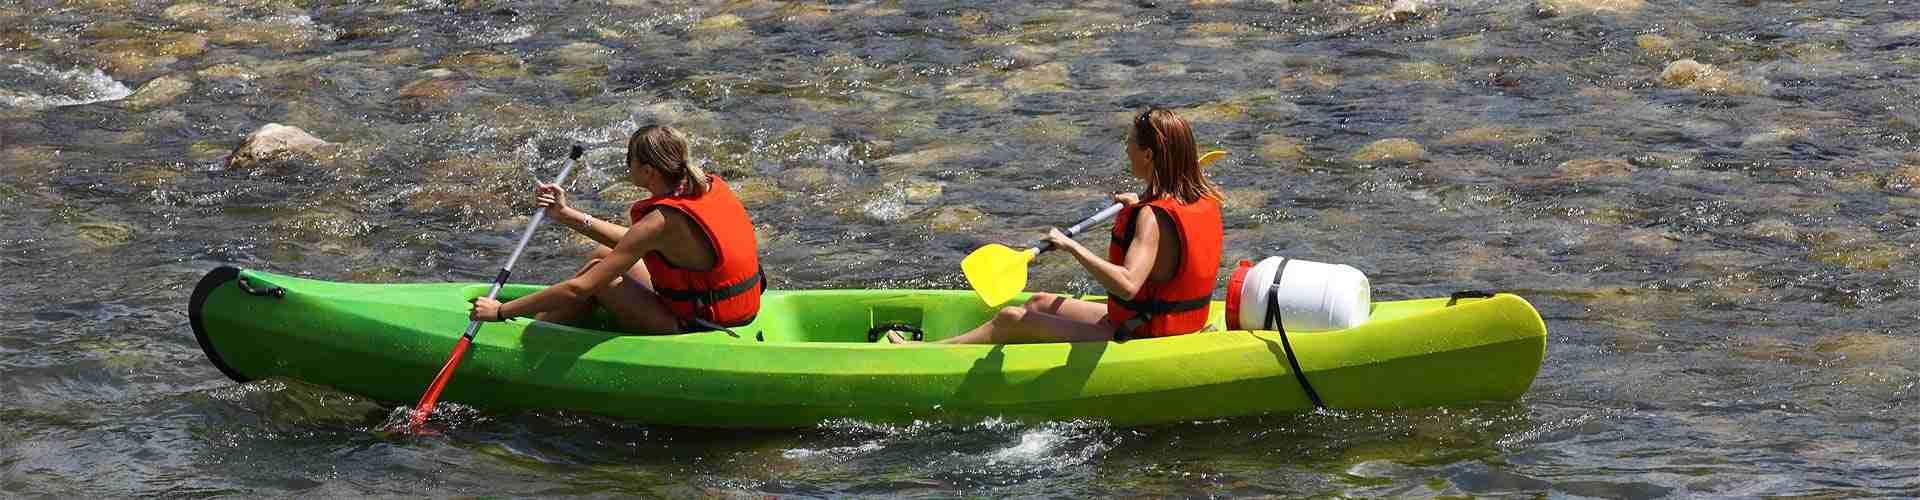 kayaks en centrosdeportes de El Ejido